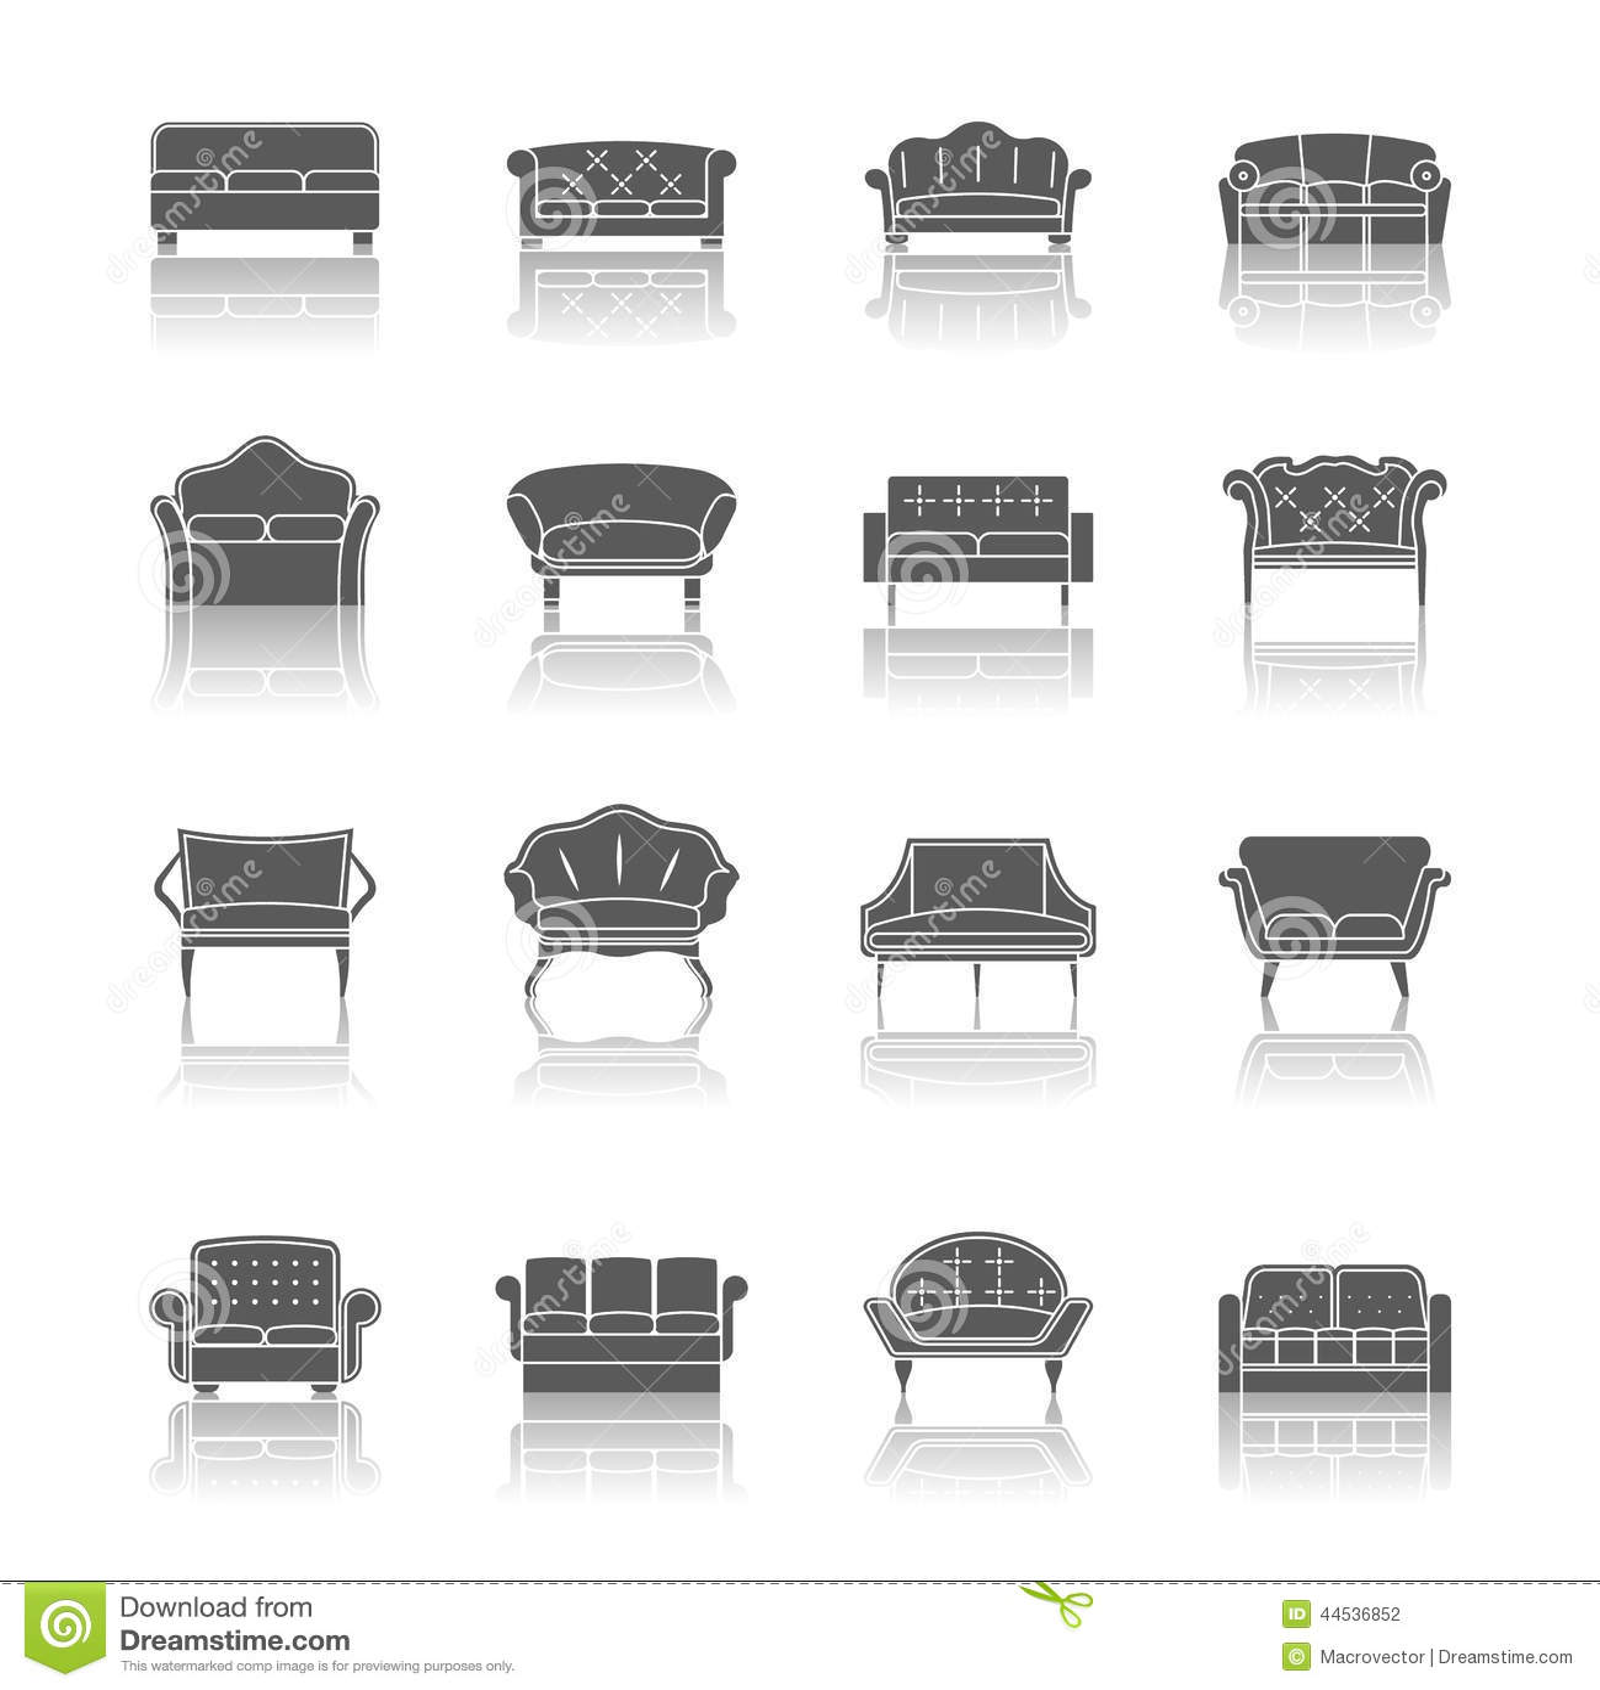 Black Design Furniture Icons Illustration Interior